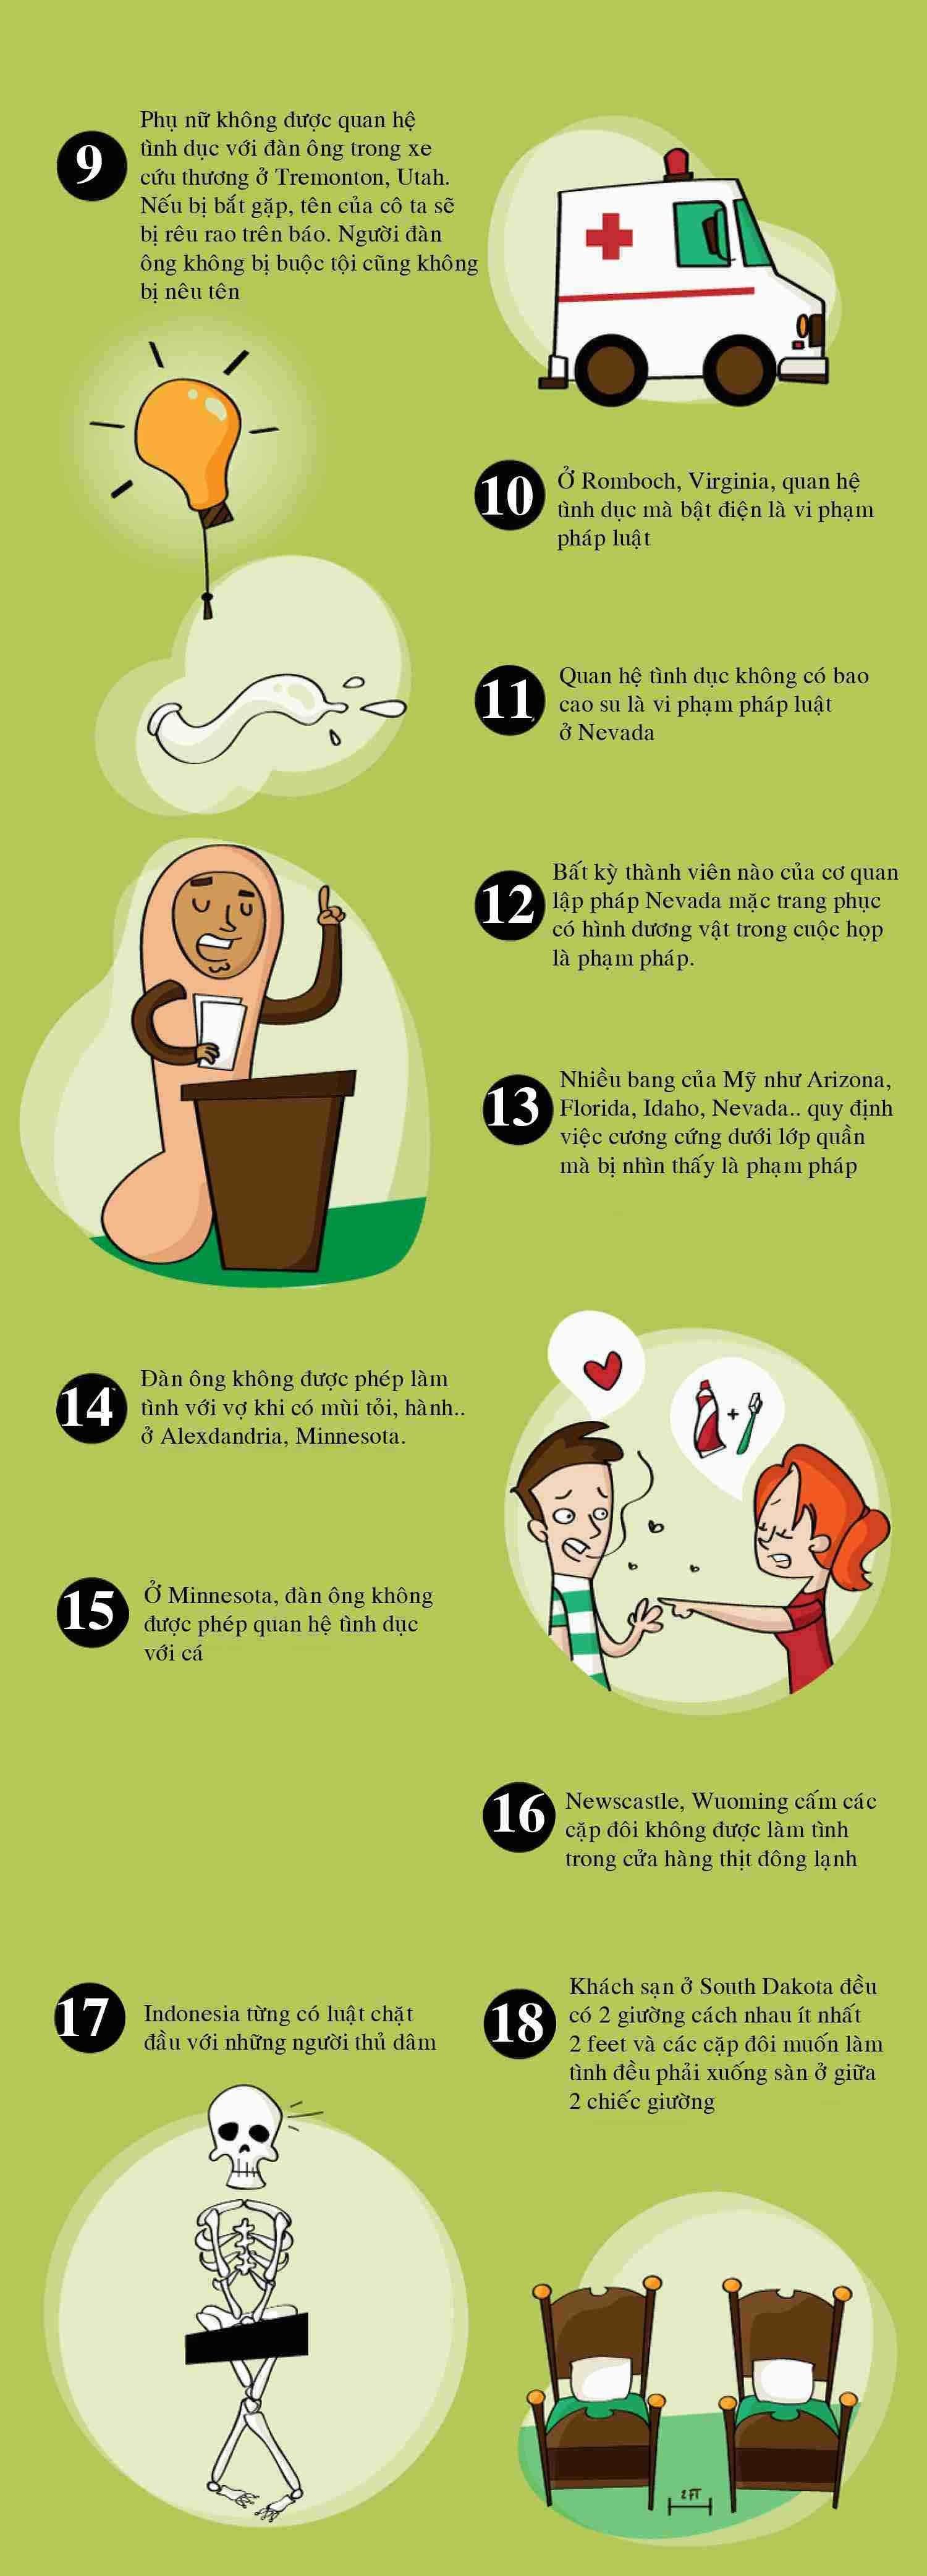 18 luật về 'chuyện ấy' kỳ lạ nhất thế giới, nếu không biết có thể mất mạng